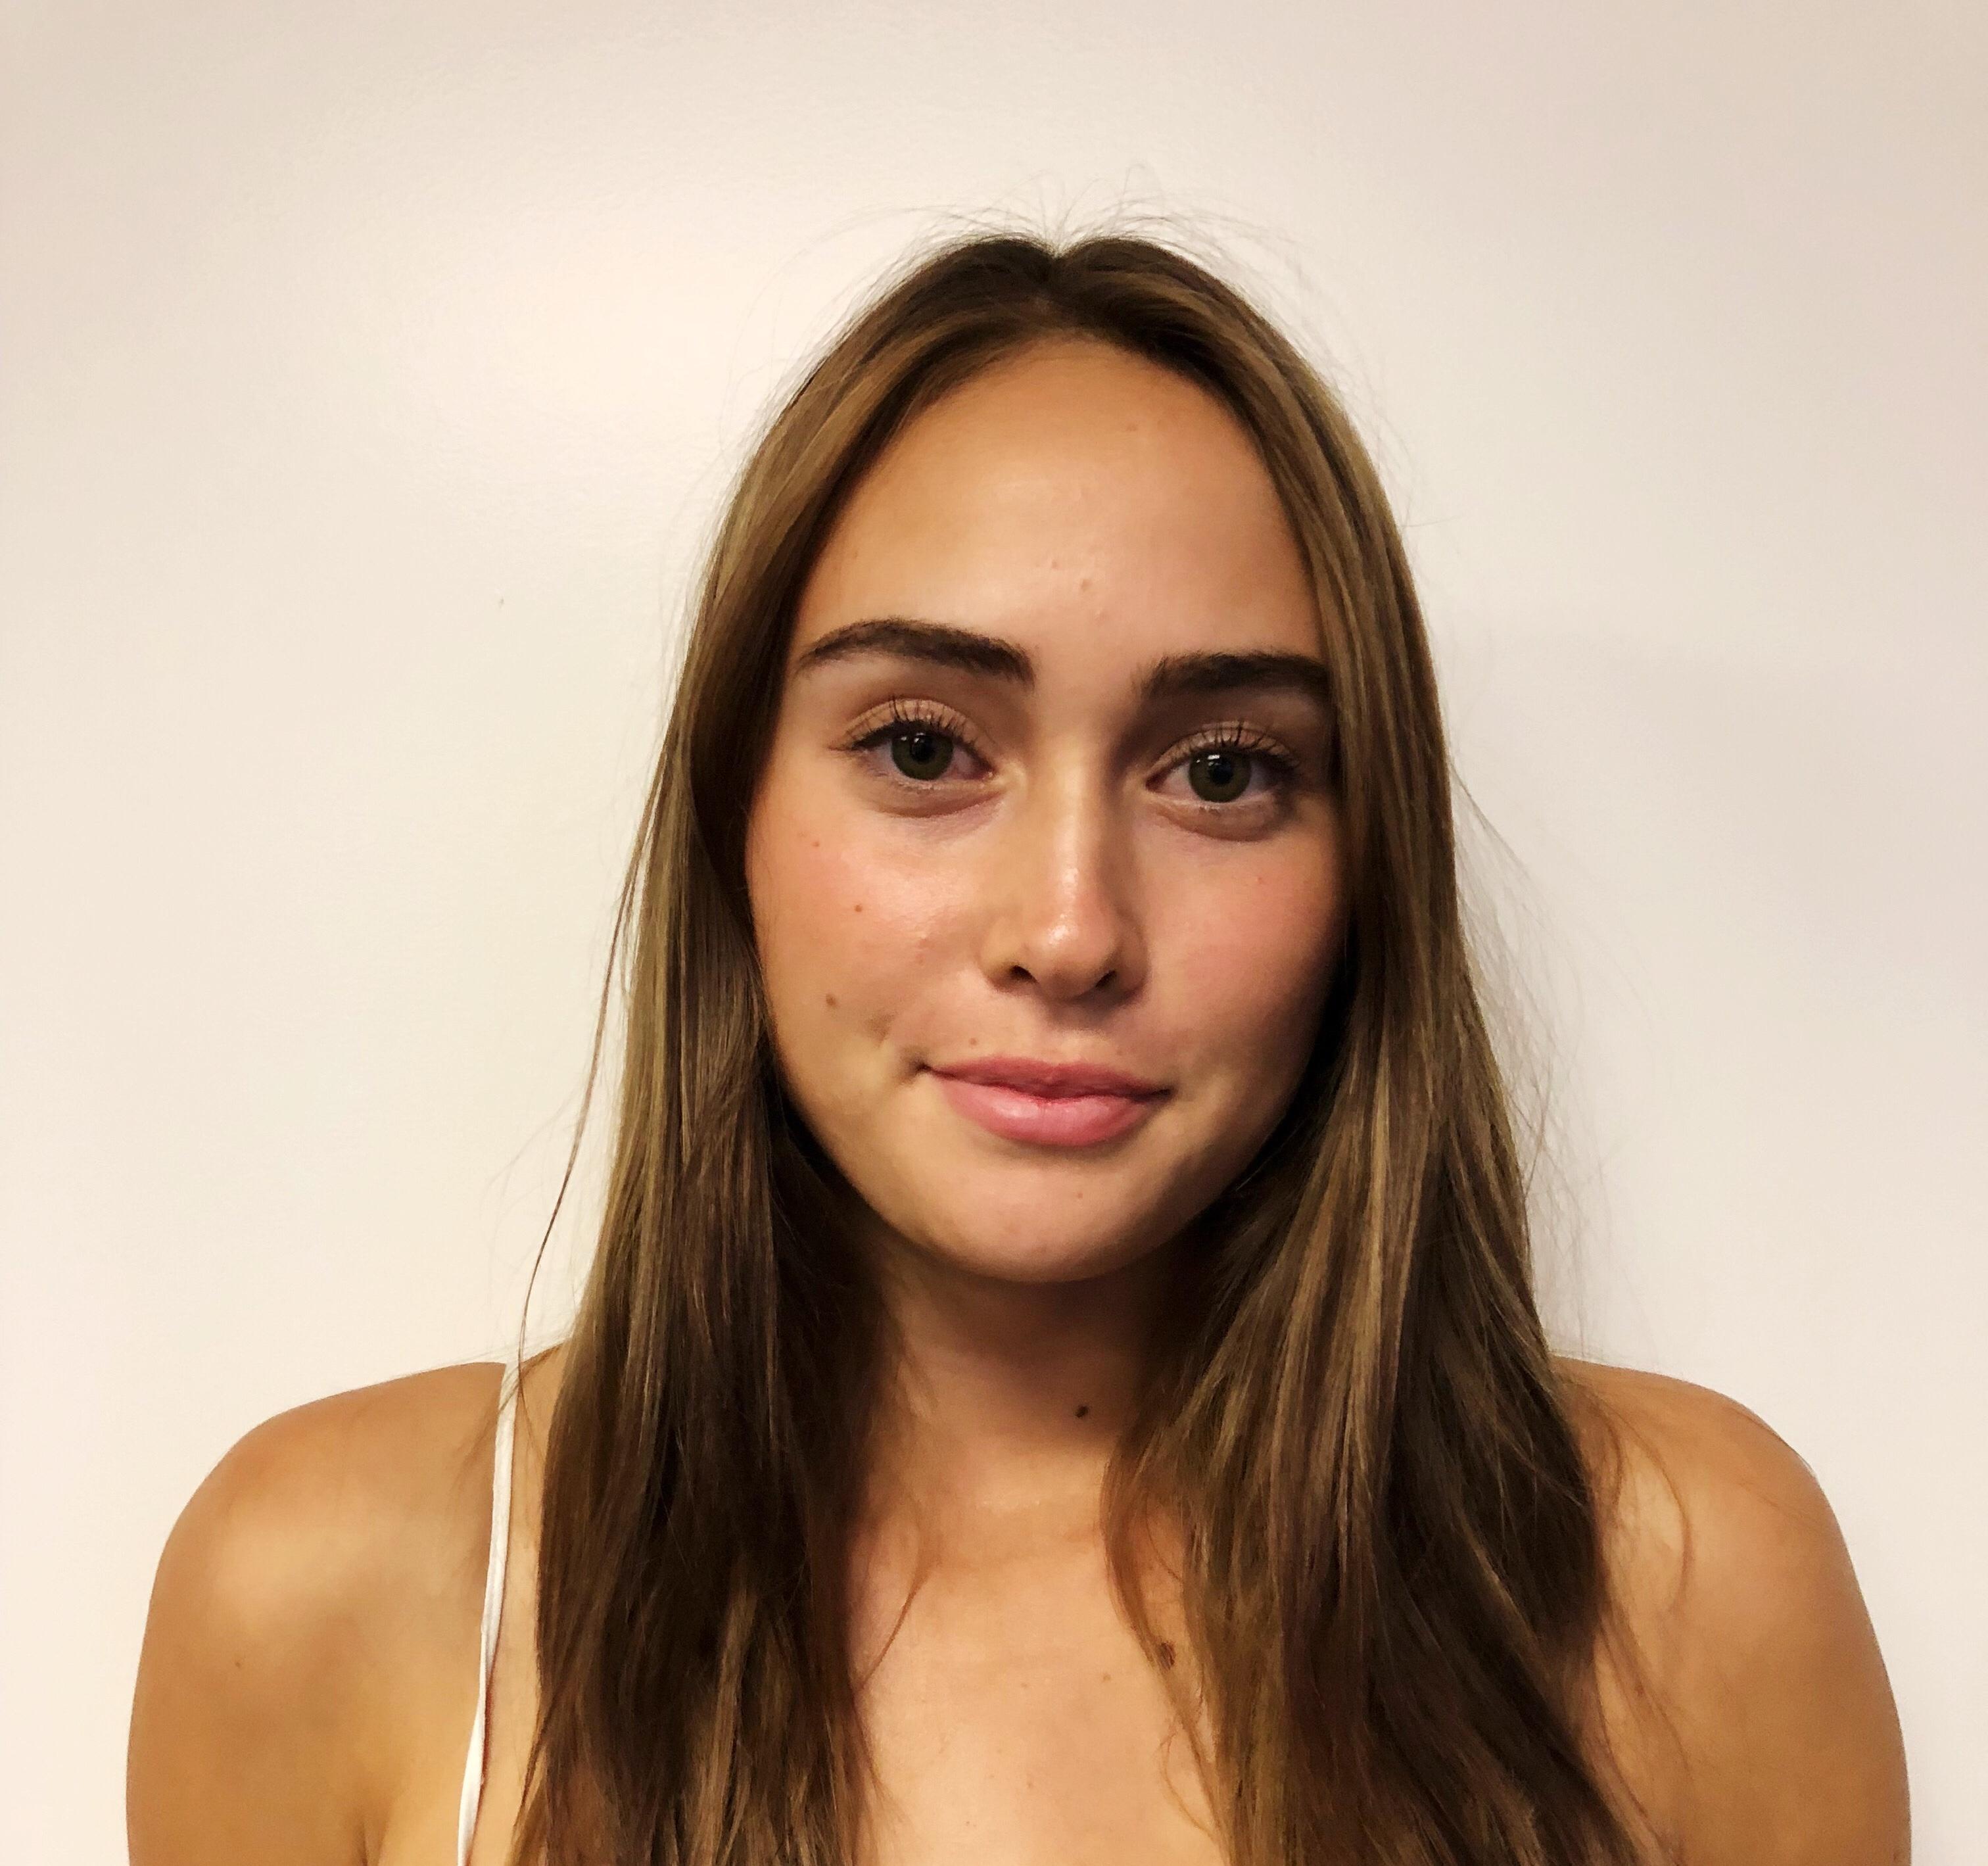 Kat Nance